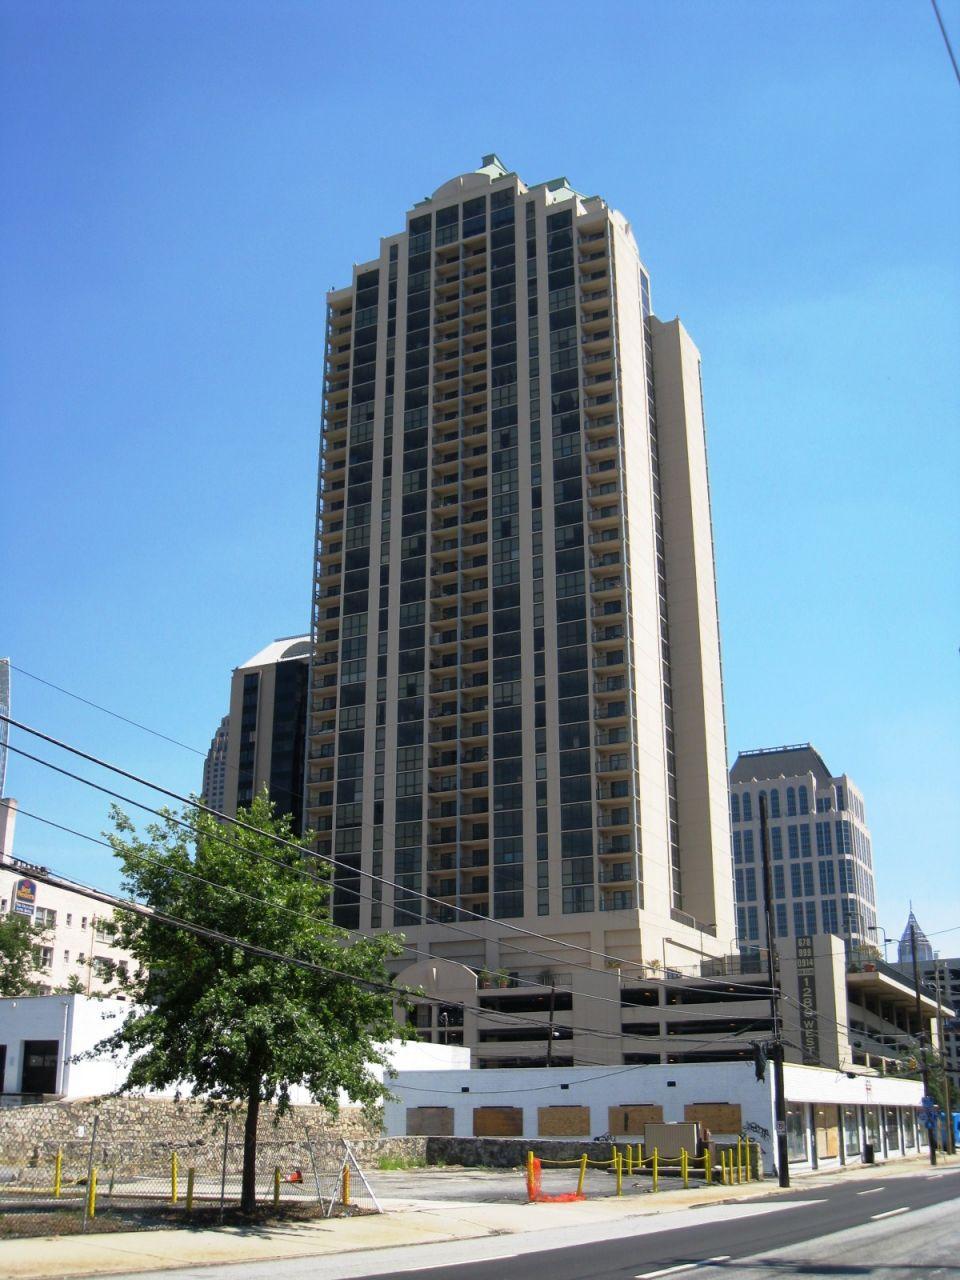 1280 West Condominiums